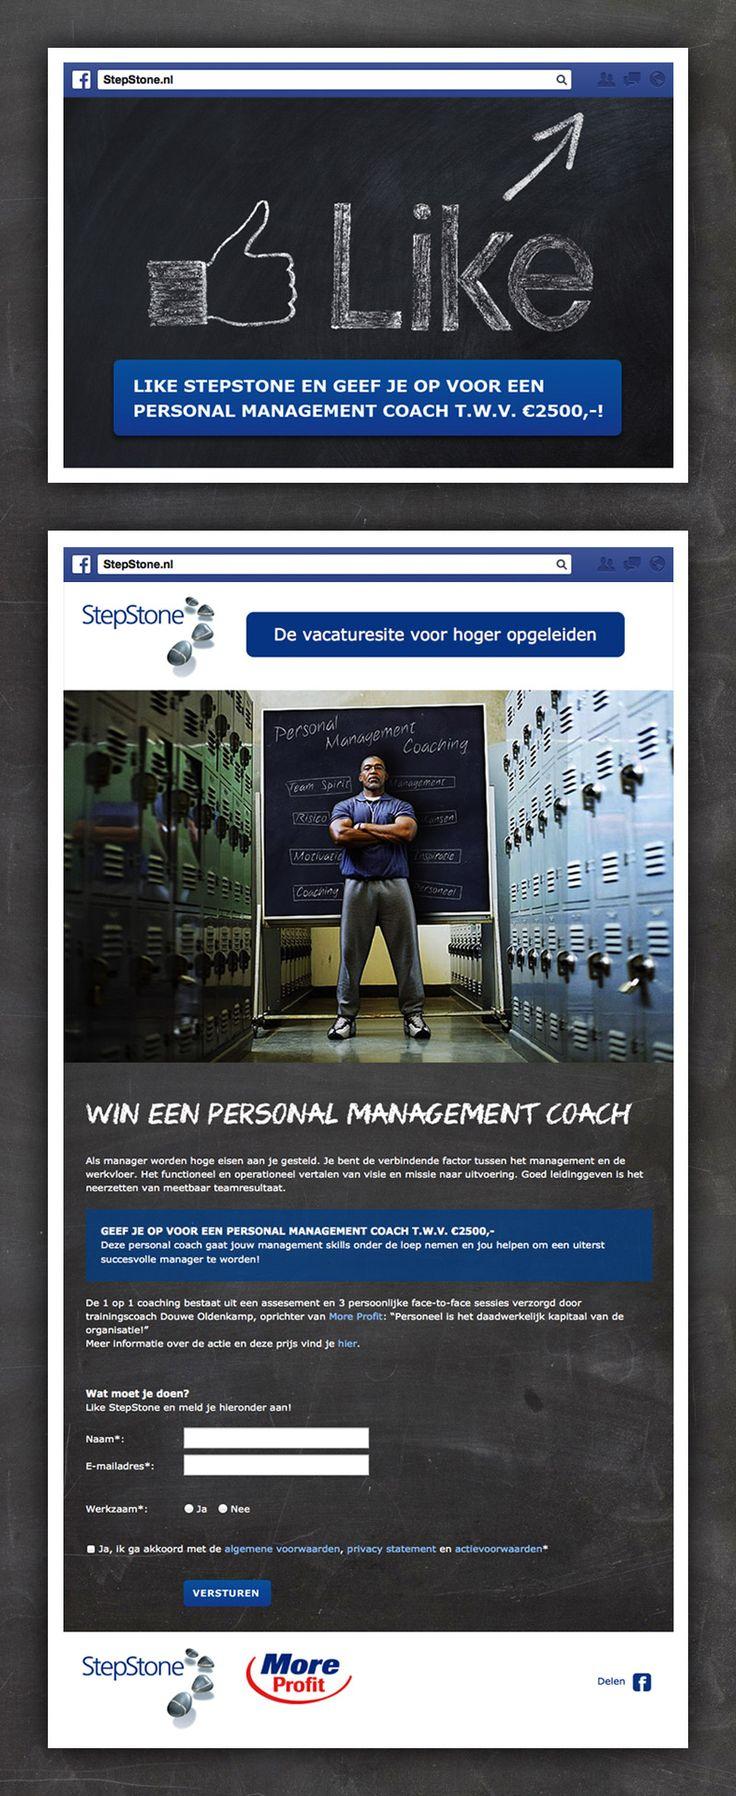 Voor StepStone ontwikkelt vandenbusken Facebook acties voor het genereren van social interactie.